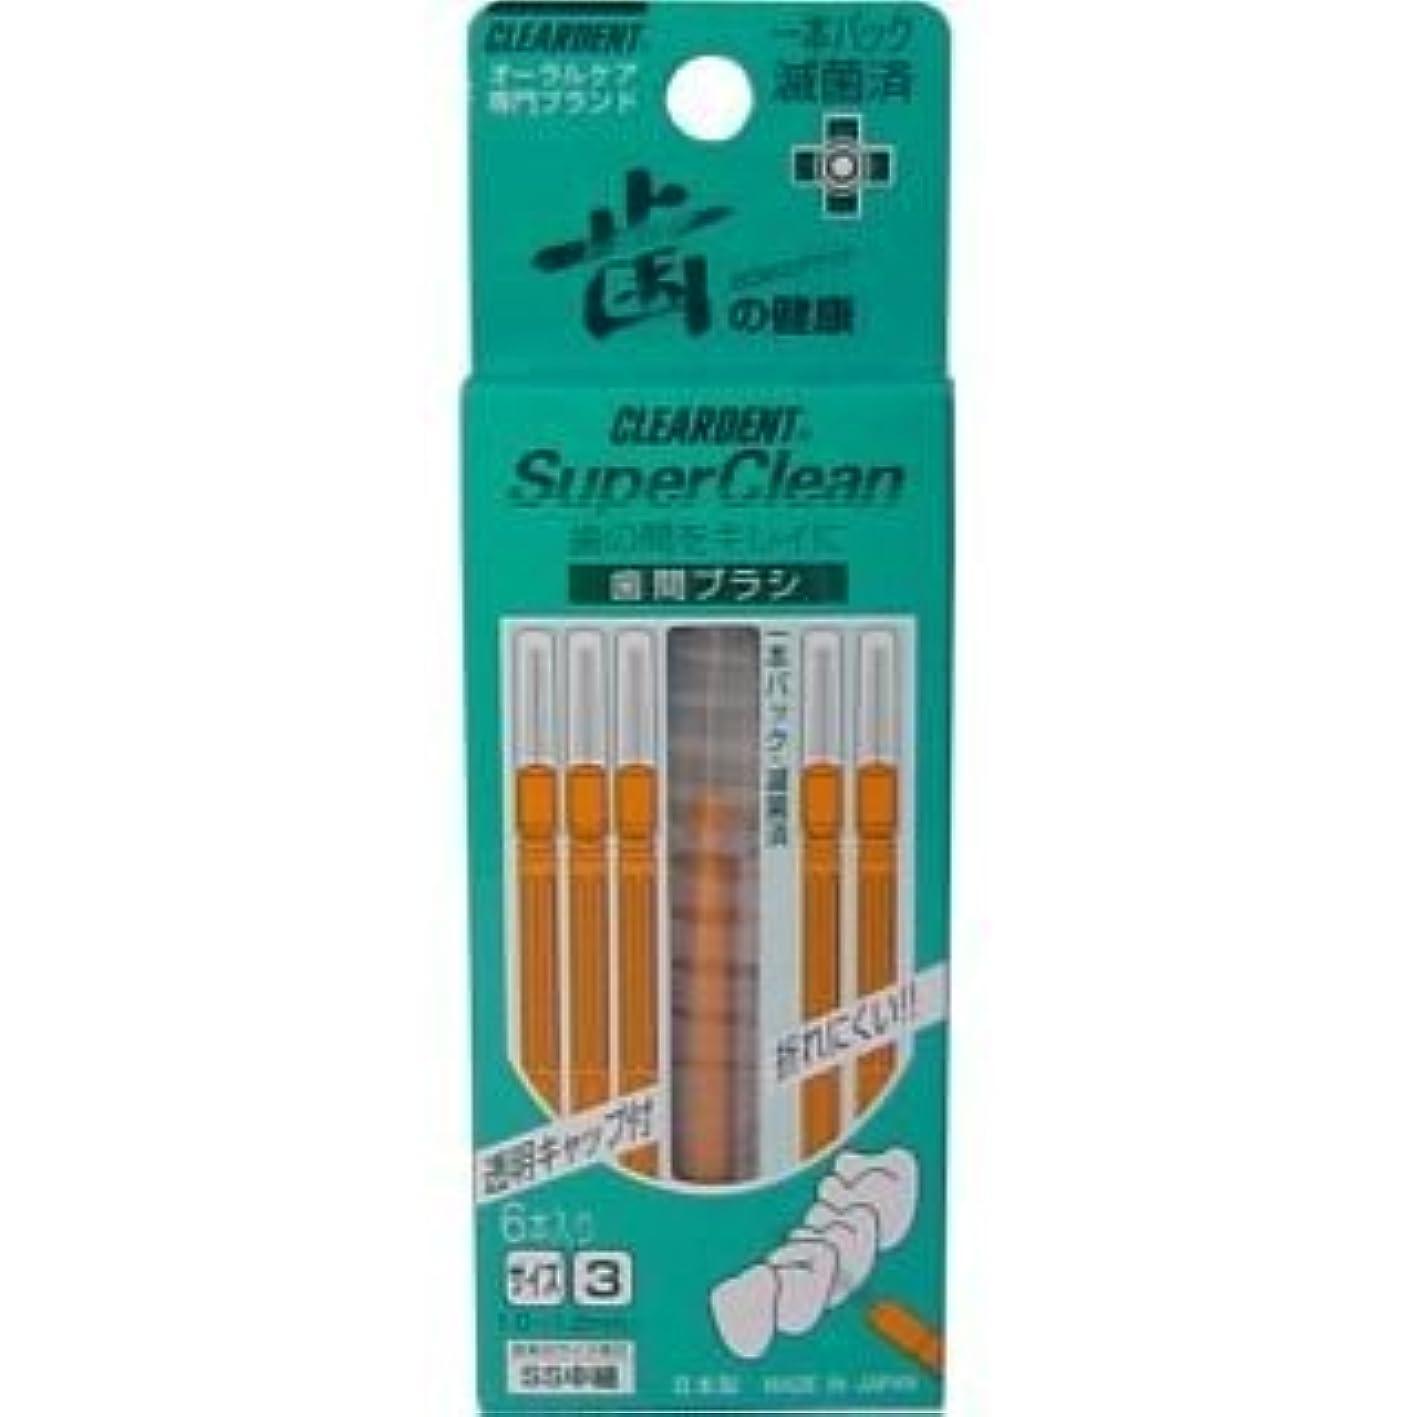 走る鉛筆ジョブ滅菌済み一本パックだから、清潔安心!歯みがきでは磨きにくい、歯と歯の間を清掃するブラシです!透明キャップ付きで衛生的!SSサイズ中細 6本入【2個セット】